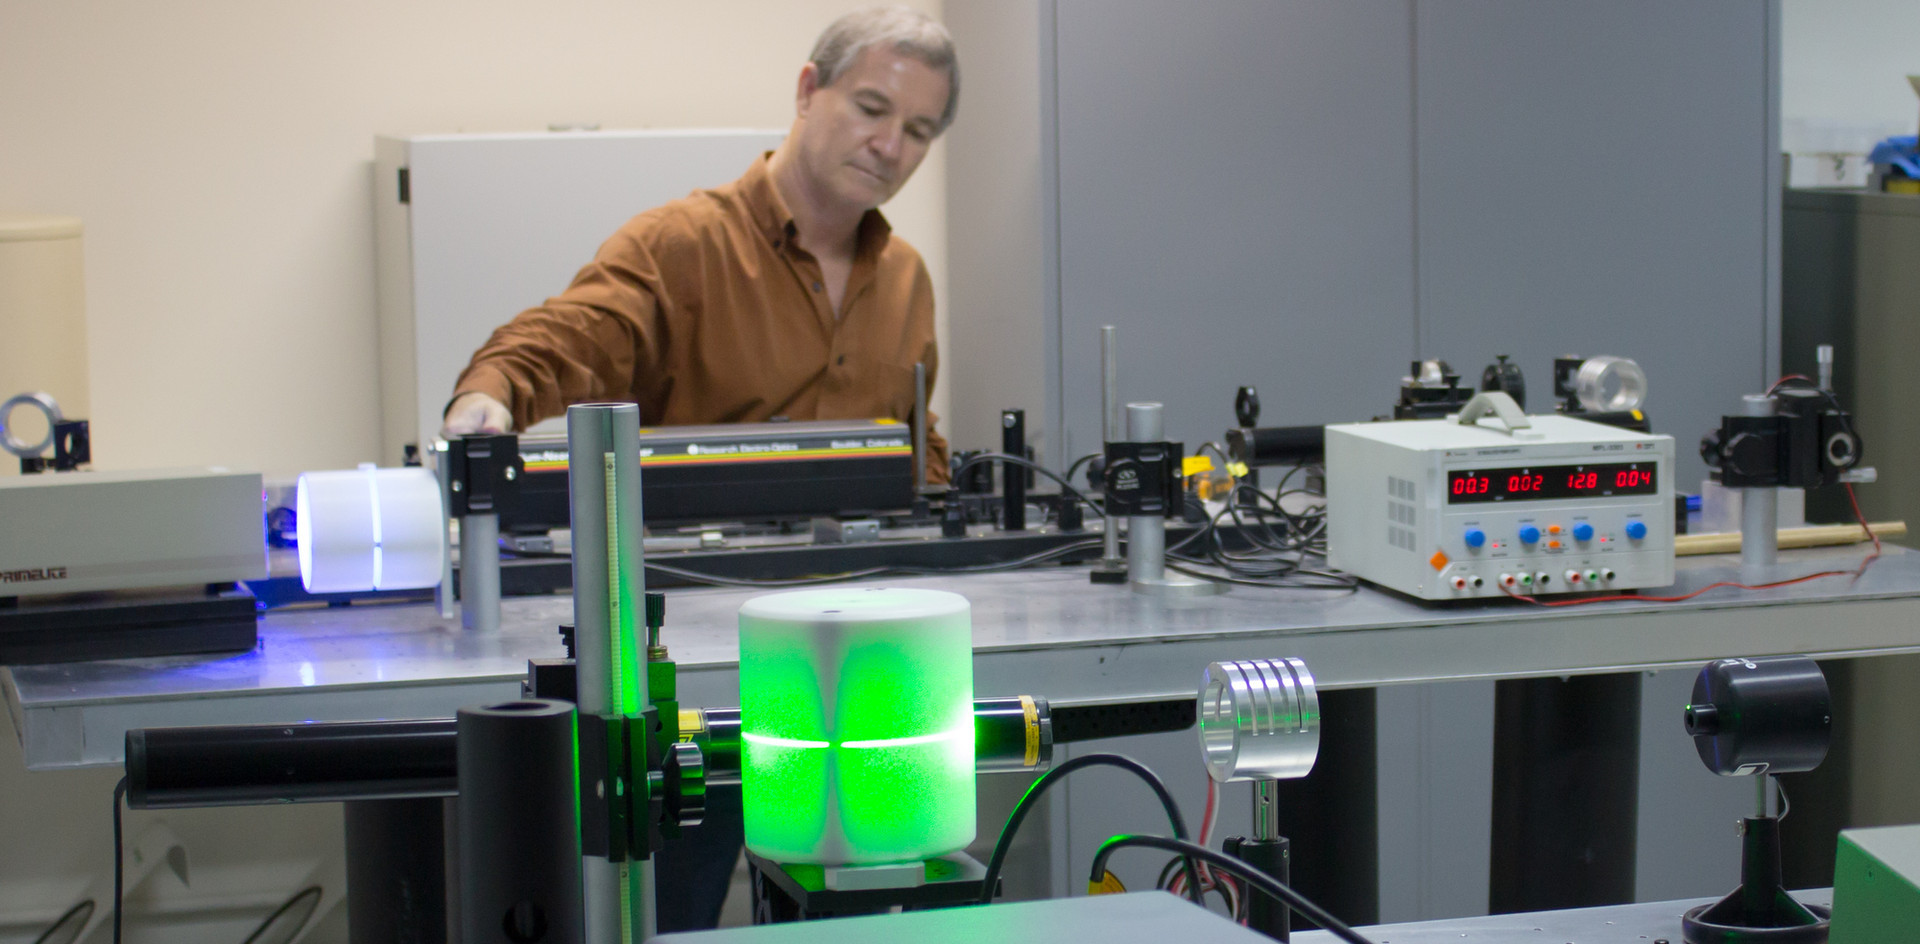 Laboratório de Biofotônica O laboratório de Biofotônica possui infraestrutura composta por laseres operando em diferentes comprimentos de onda, que integram a faixa espectral do ultravioleta, visível e infravermelho. As aplicações se concentram em pesquisas básicas onde se estuda comportamento termo-óptico de moléculas fotossensíveis de grande interesse para terapias, como a Terapia Fotodinâmica. São desenvolvidas, também, técnicas de diagnóstico utilizando processamento digital de imagens e espectroscopia óptica.